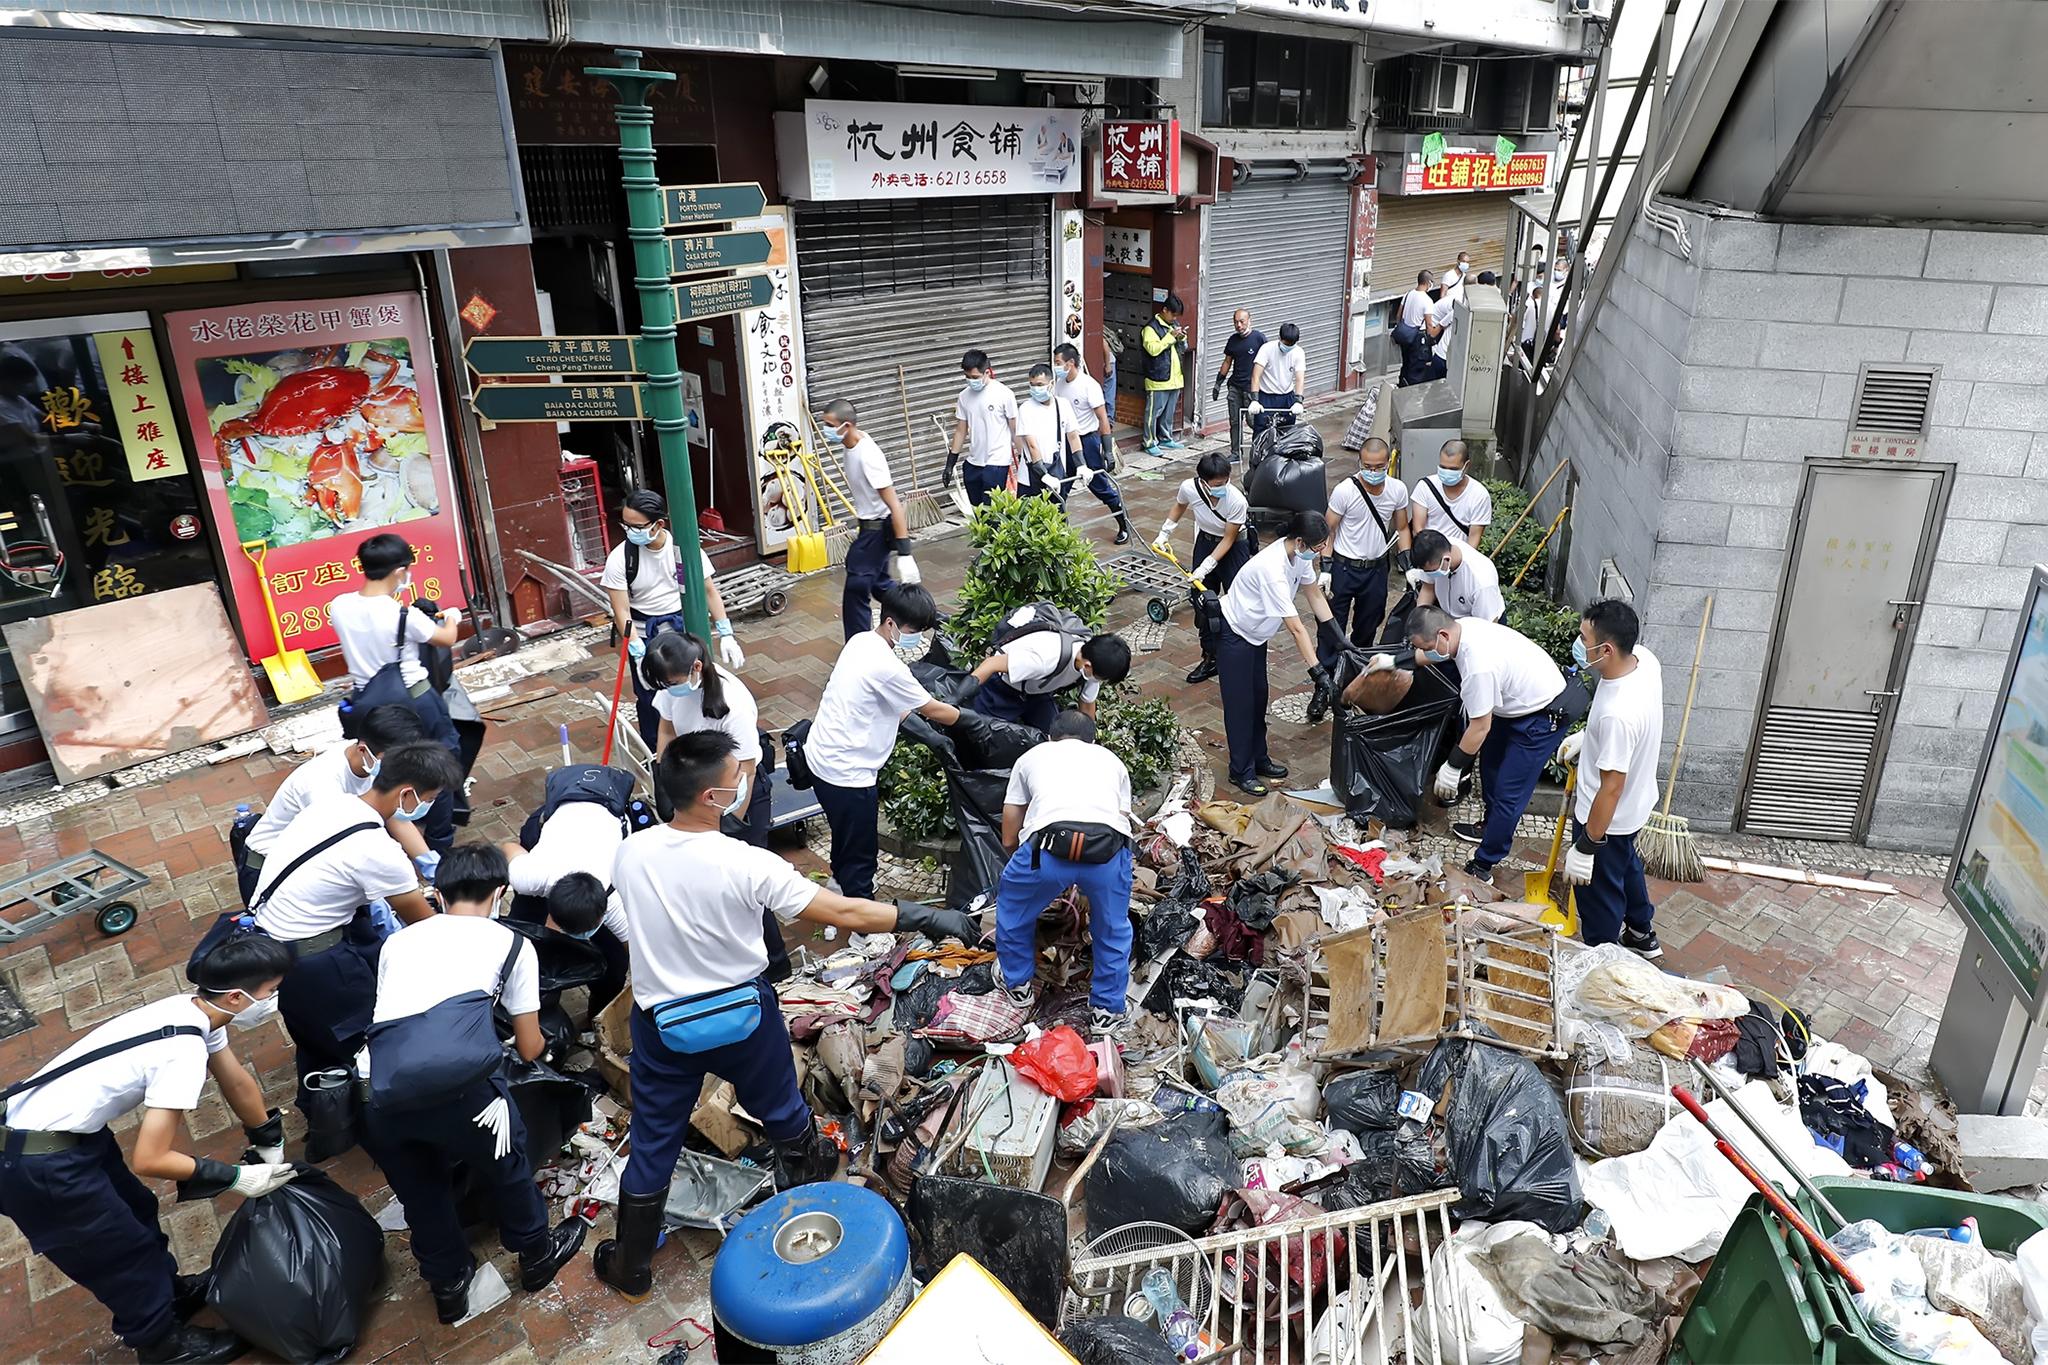 Tufão Hato | Mais de cem pessoas participaram em consulta pública